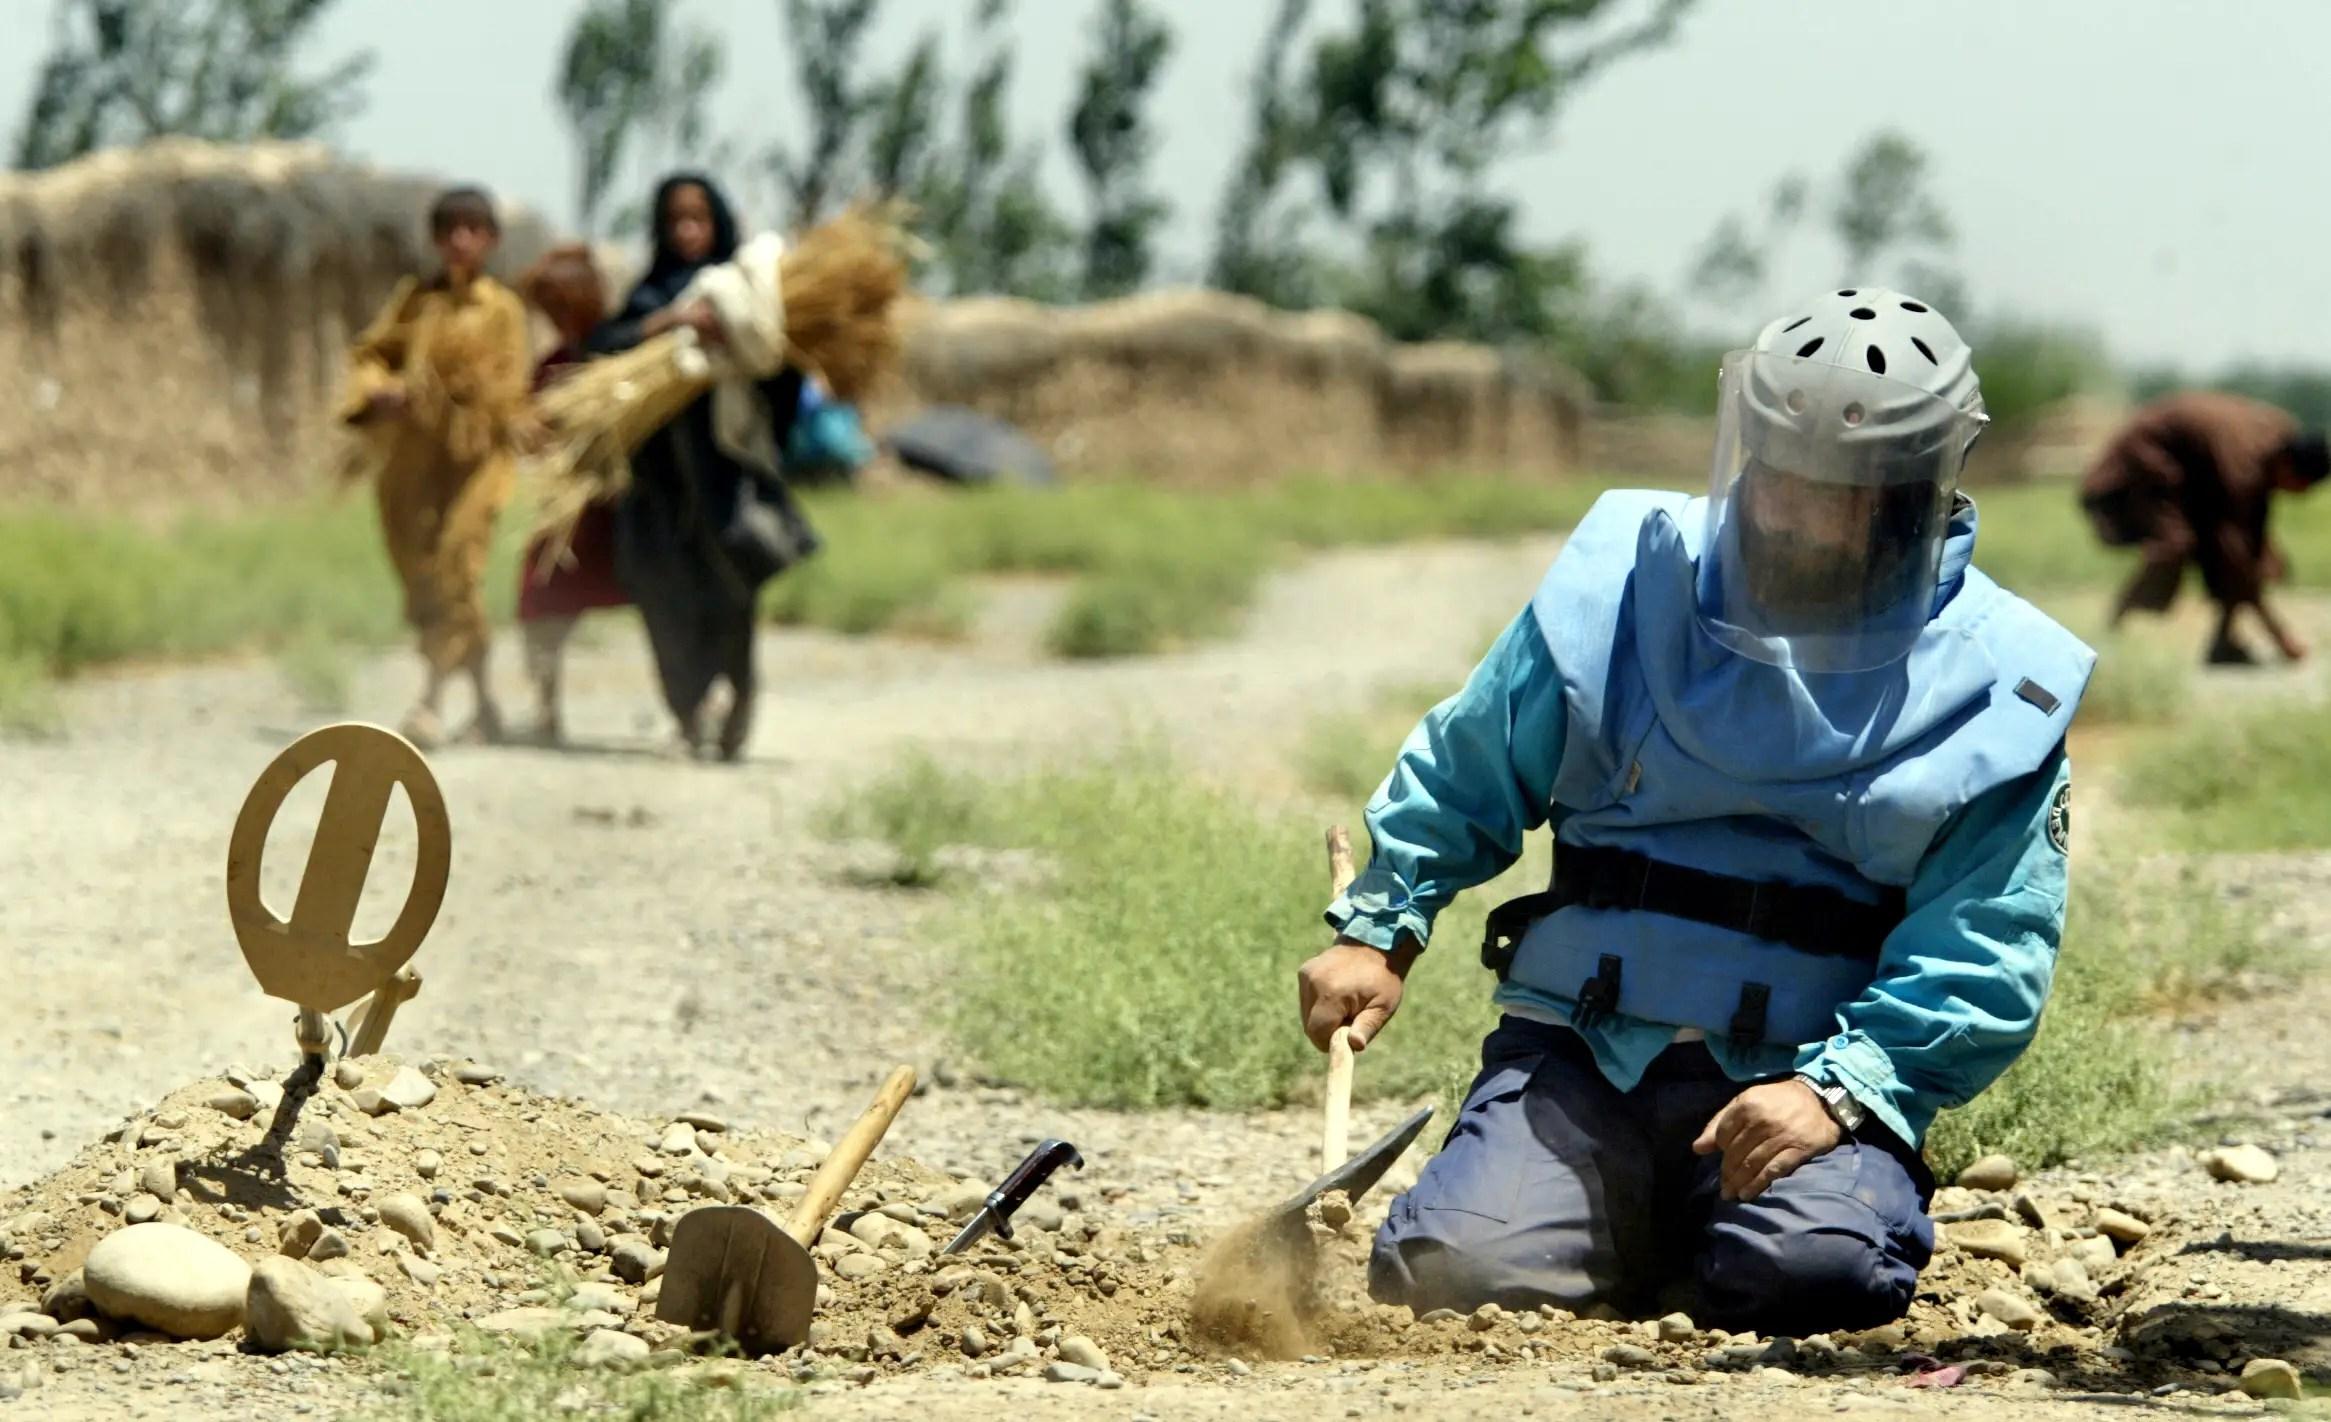 Afghanistan land mines deactivation danger